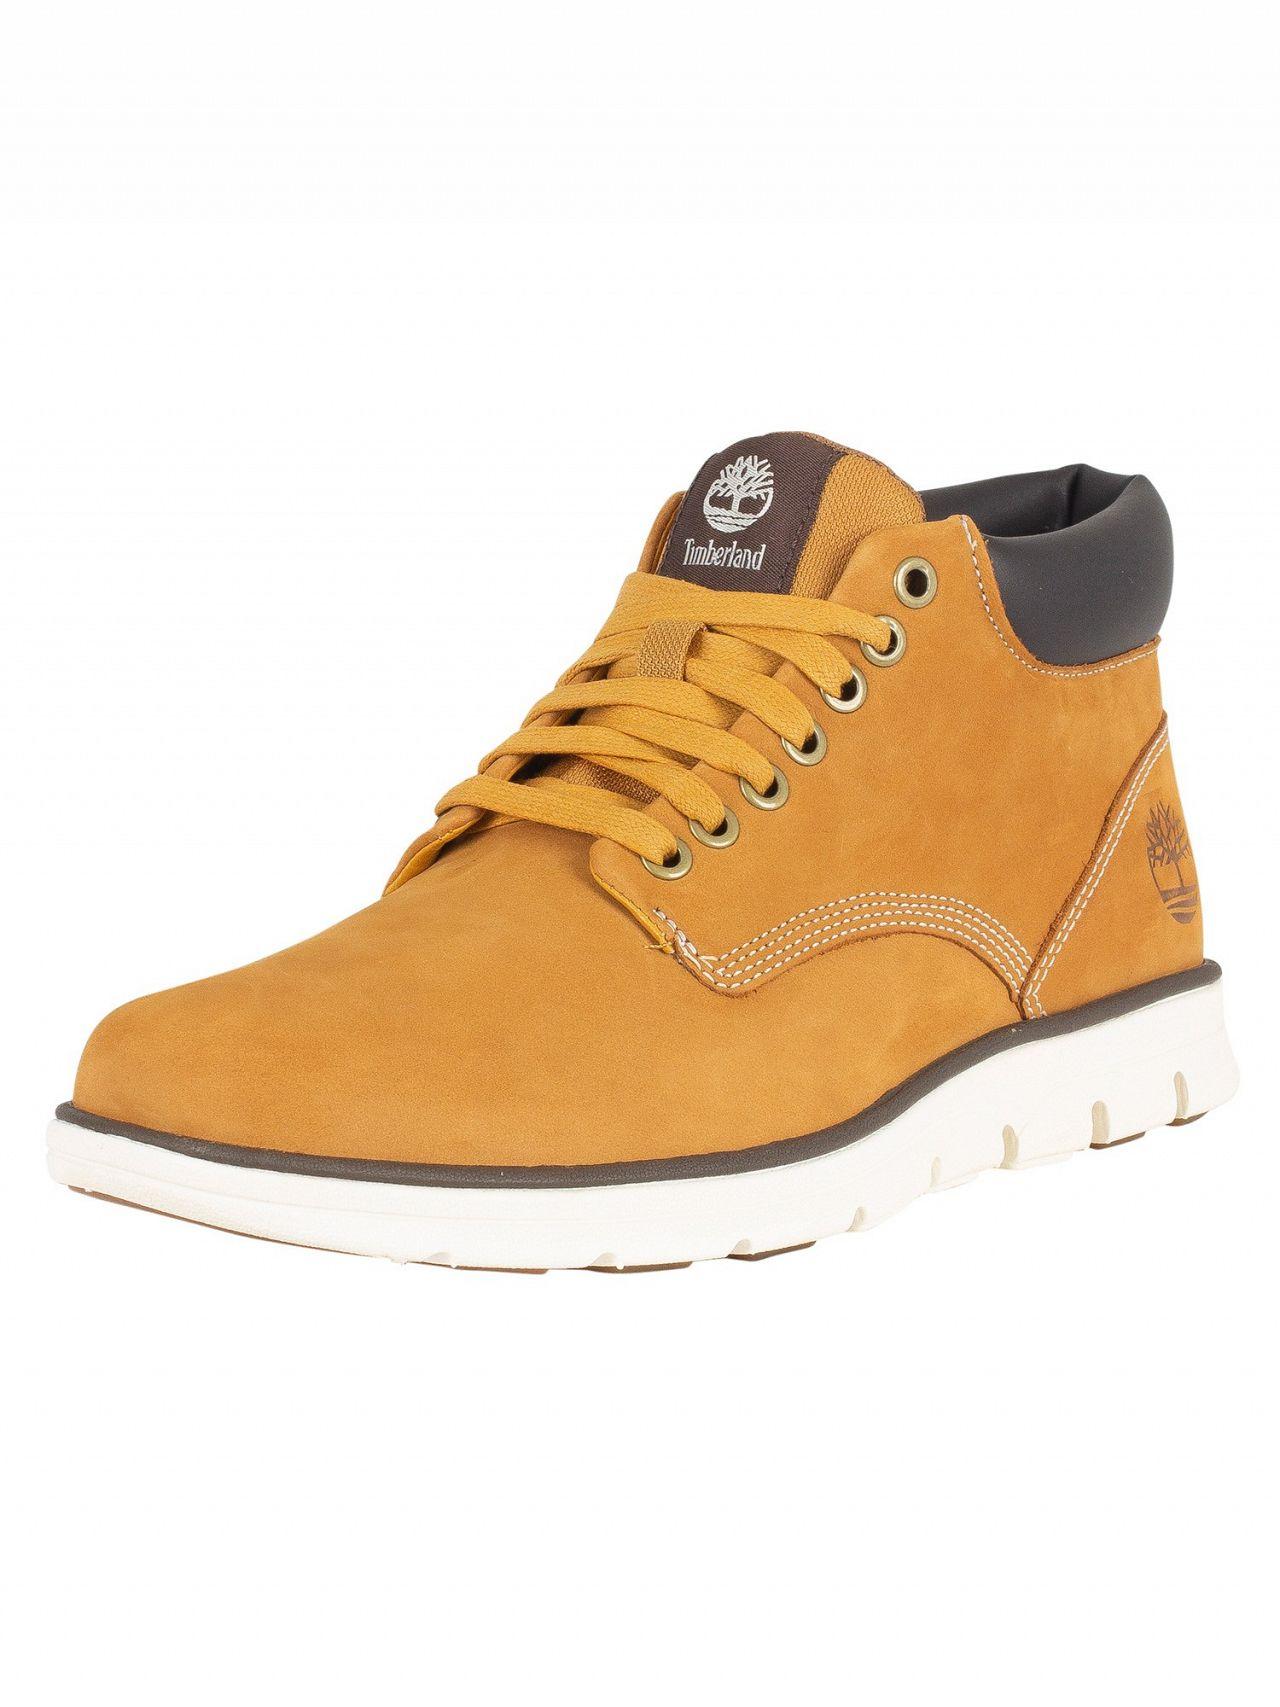 bc154616ce1 Timberland Wheat Bradstreet Chukka Boots